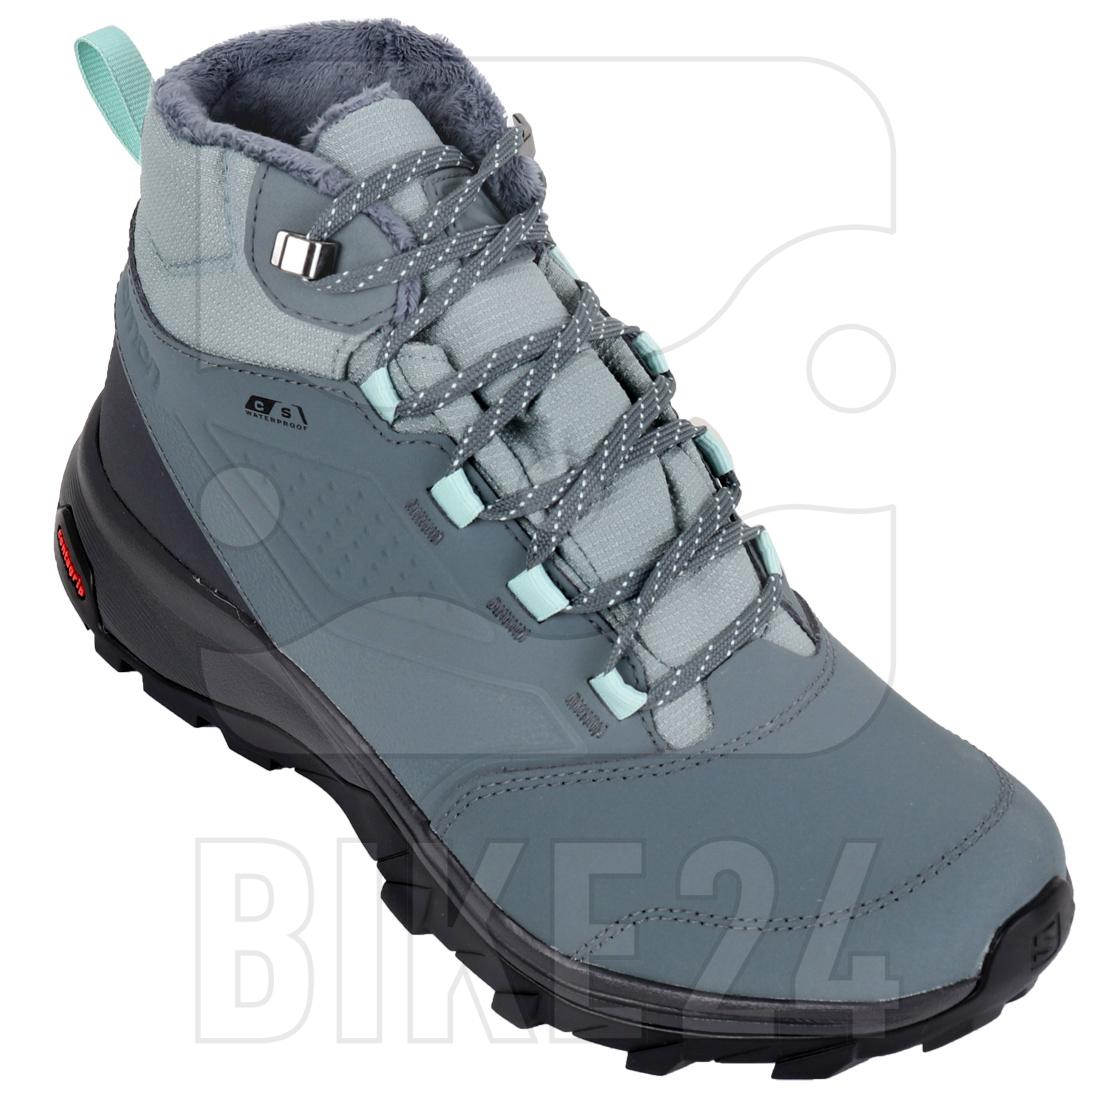 Salomon Yalta TS CSWP Zapatos de invierno para mujeres - le/stormy wea/icy